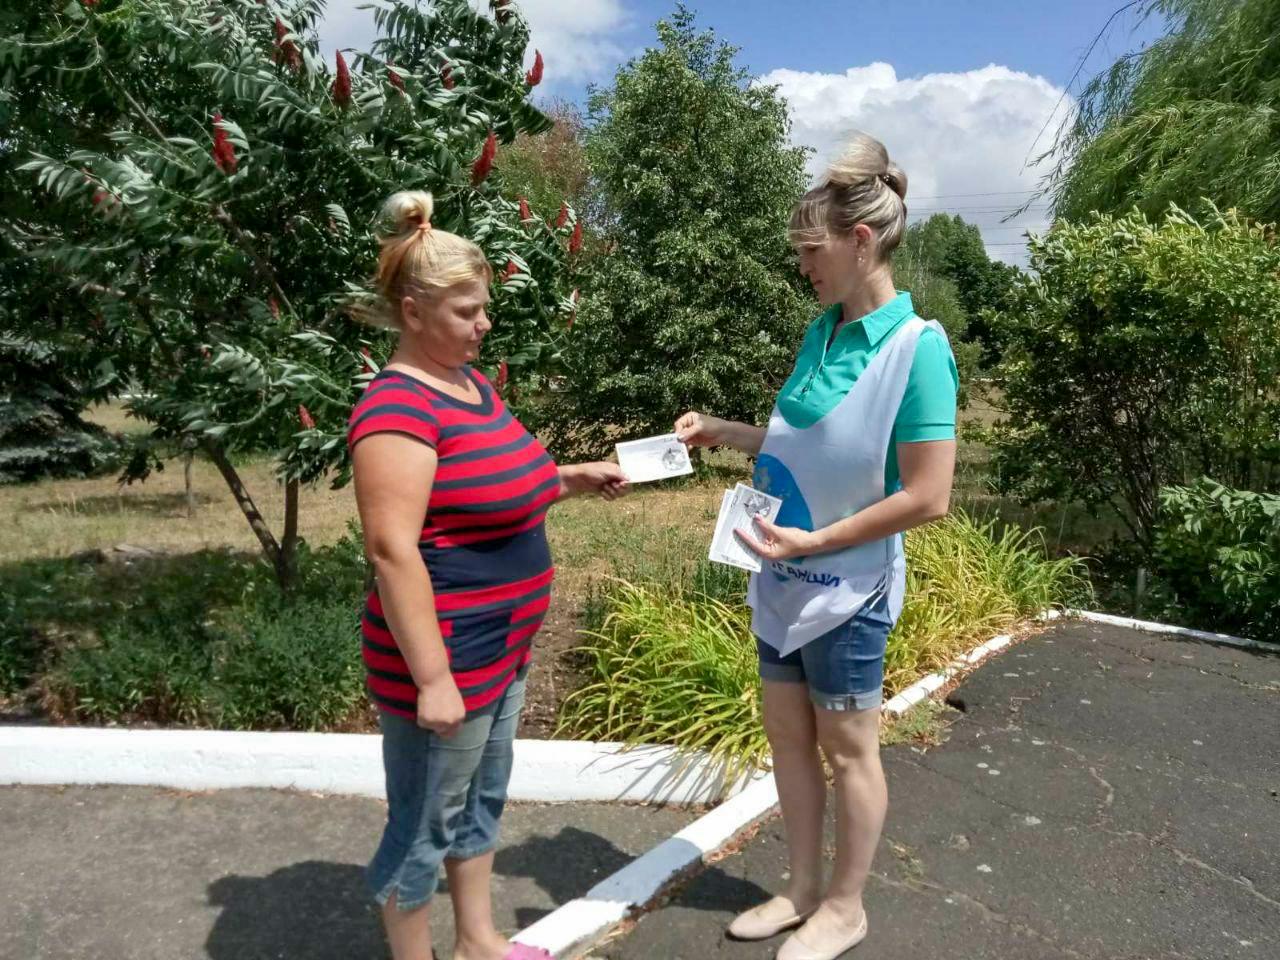 Жителей Славяносербского района проинформировали об акции «Стоп наркотикам!»